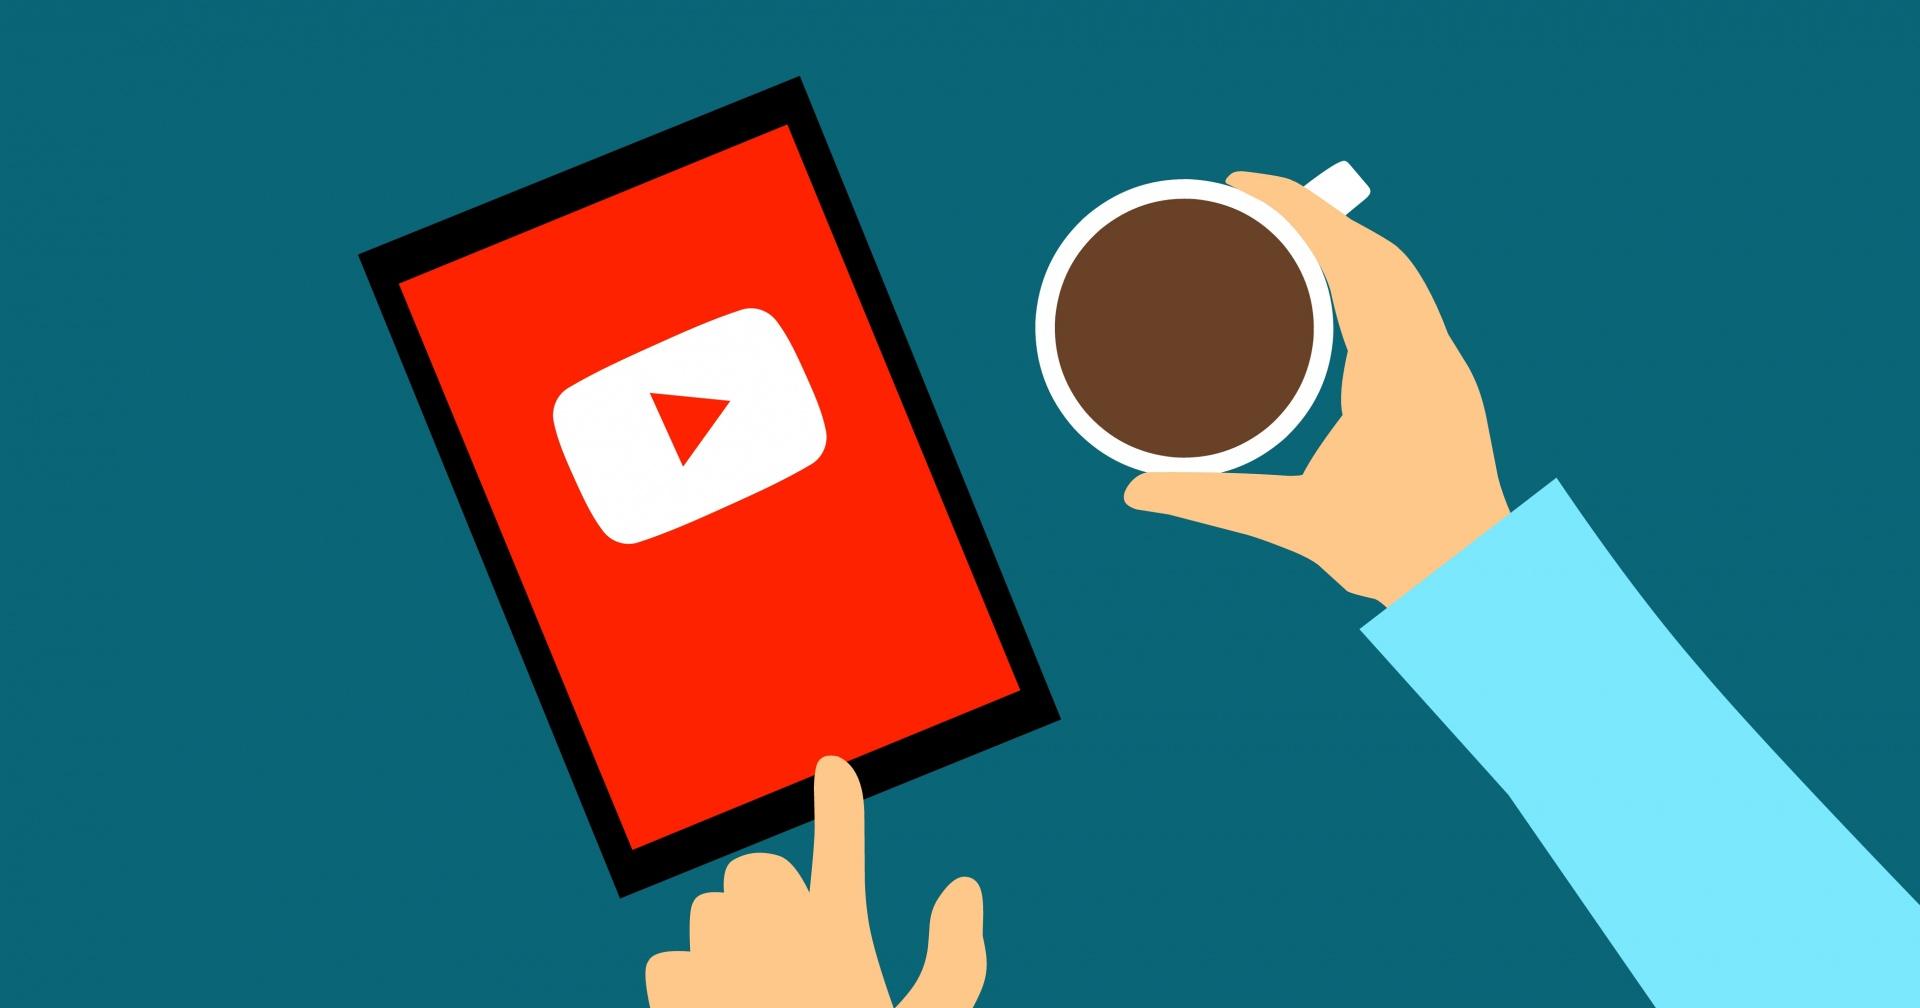 Siete ideas para crear un canal de YouTube